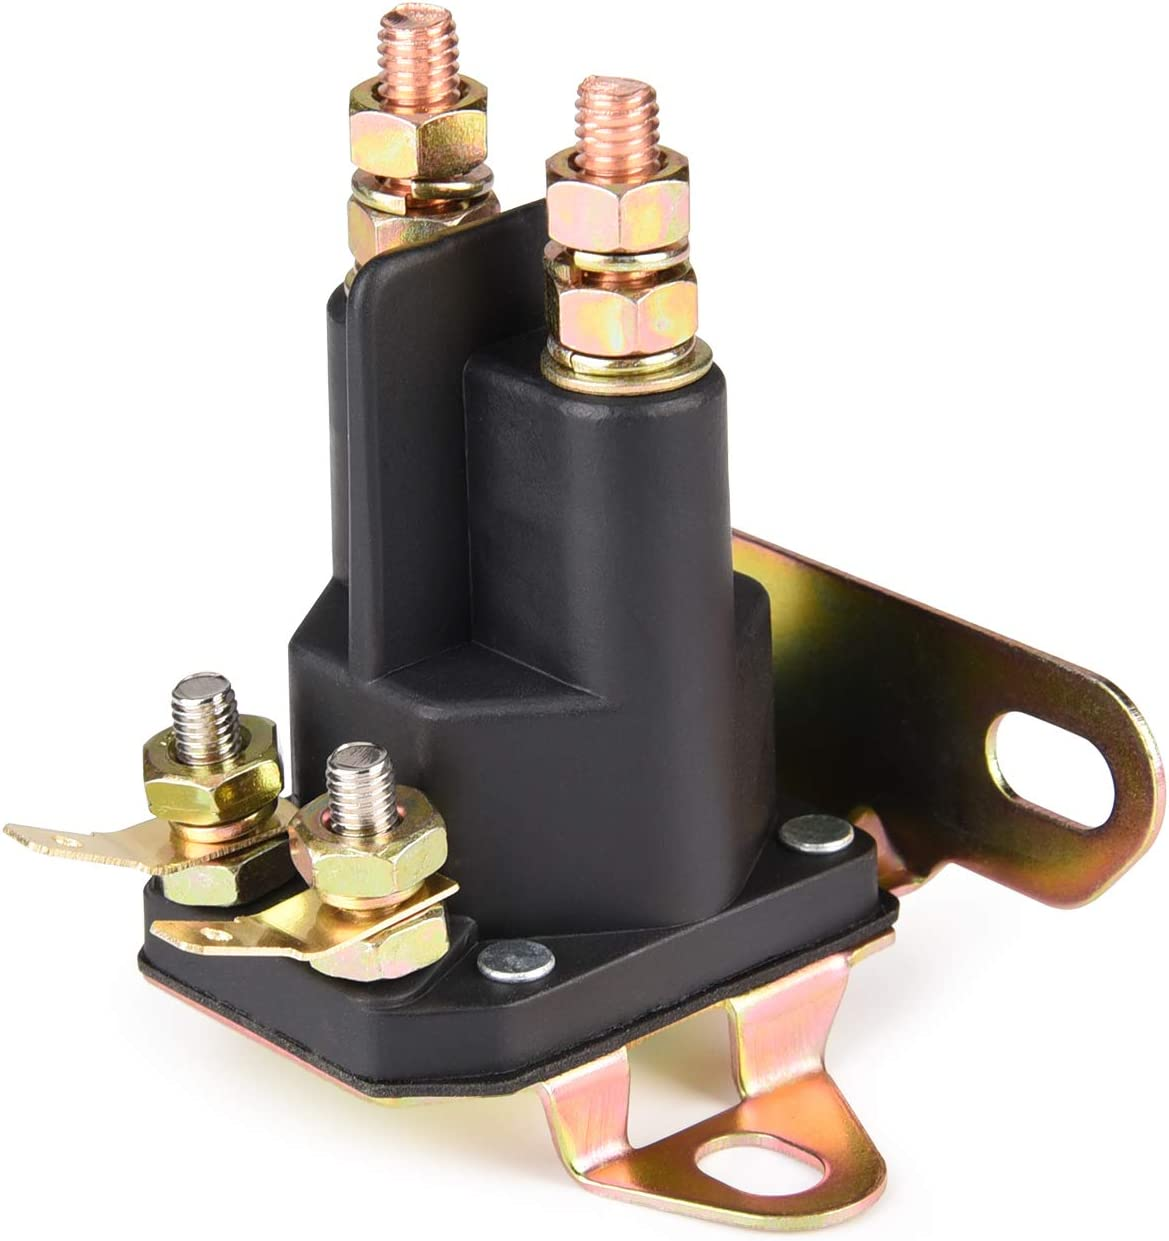 MaySpare 4 Pole Starter Solenoid Replaces Briggs & Stratton 5410K,Cub Cadet, Craftsman, Husqvarna 109946 MTD,Mower AM133094 AM138497, John Deere L100 L110 L118 L120 L130